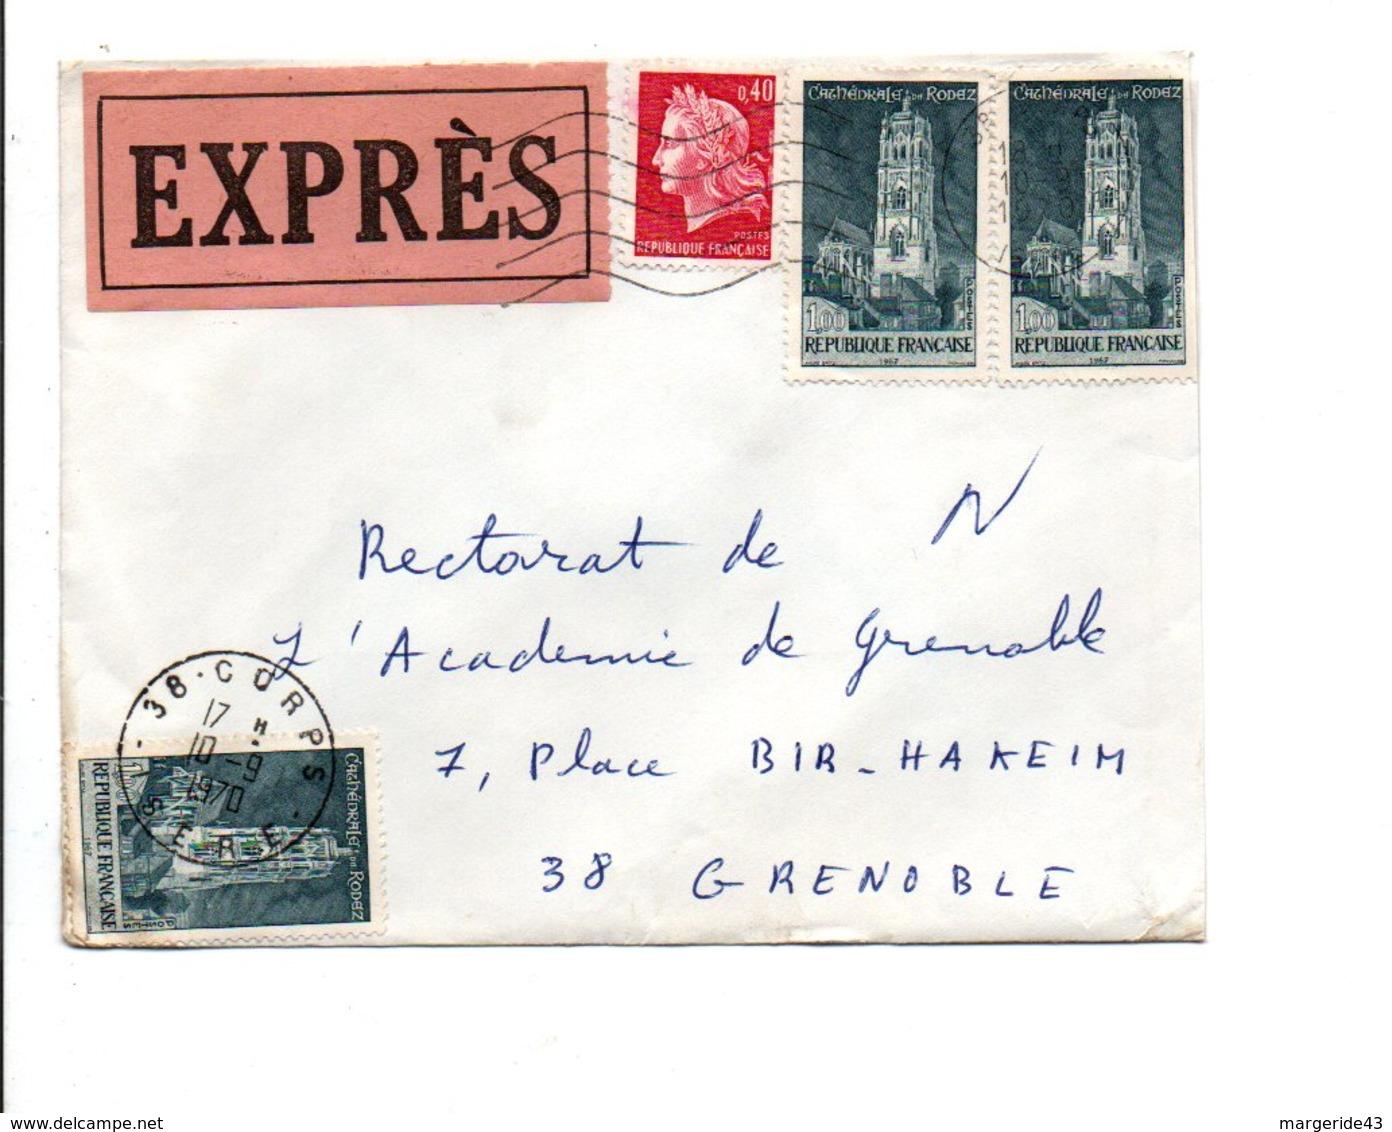 AFFRANCHISSEMENT COMPOSE SUR LETTRE EXPRES DE CORPS ISERE 1970 - Marcofilia (sobres)